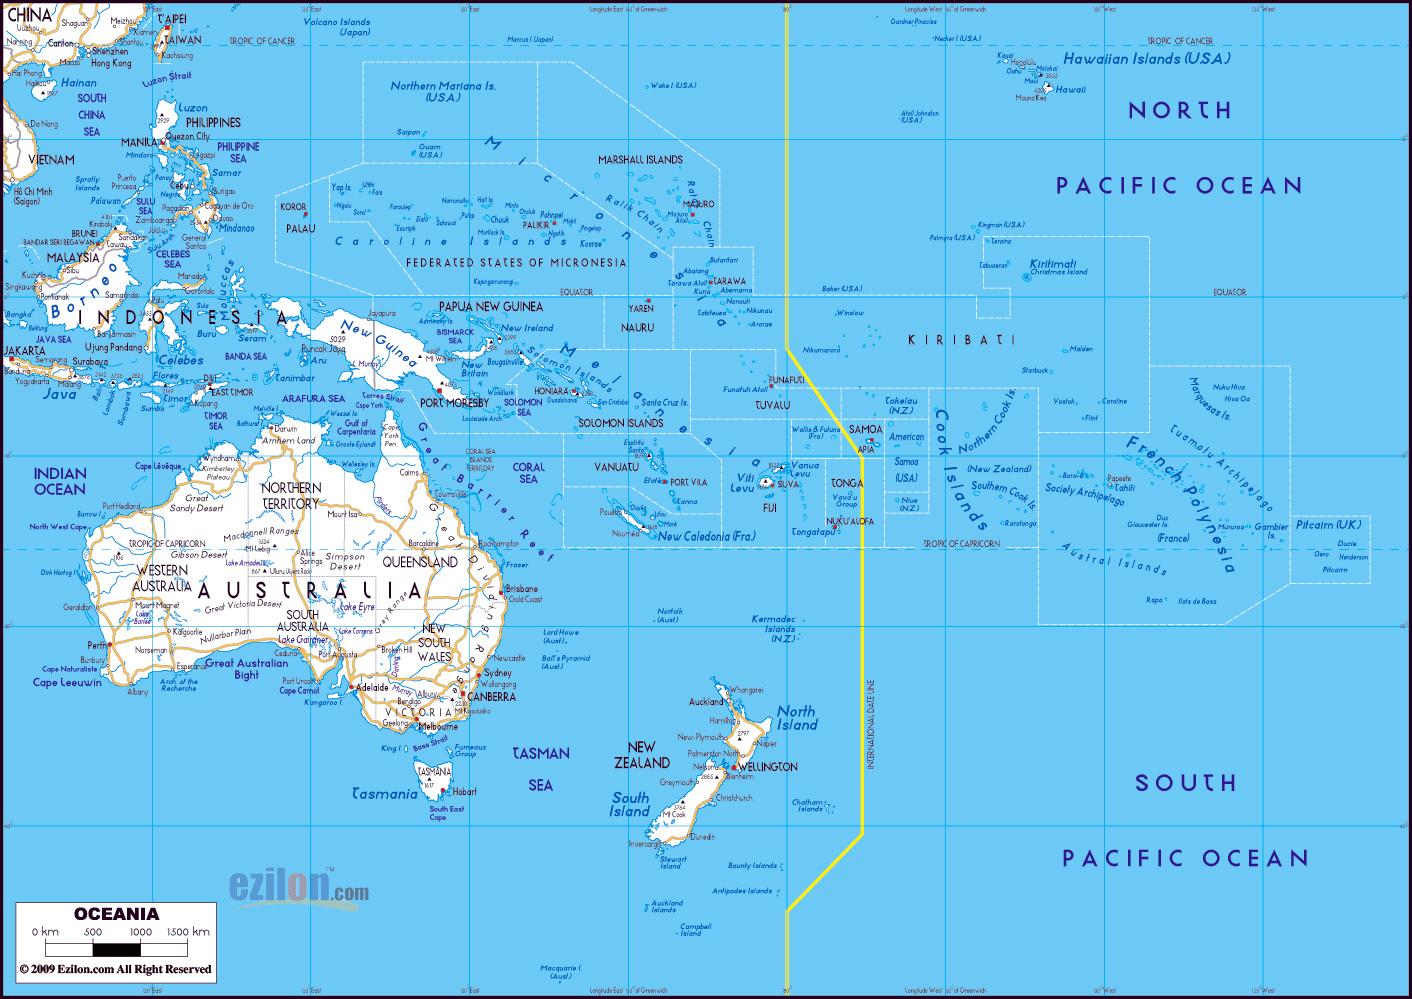 Gran Mapa De Carreteras De Australia Y Oceania Con Las Principales